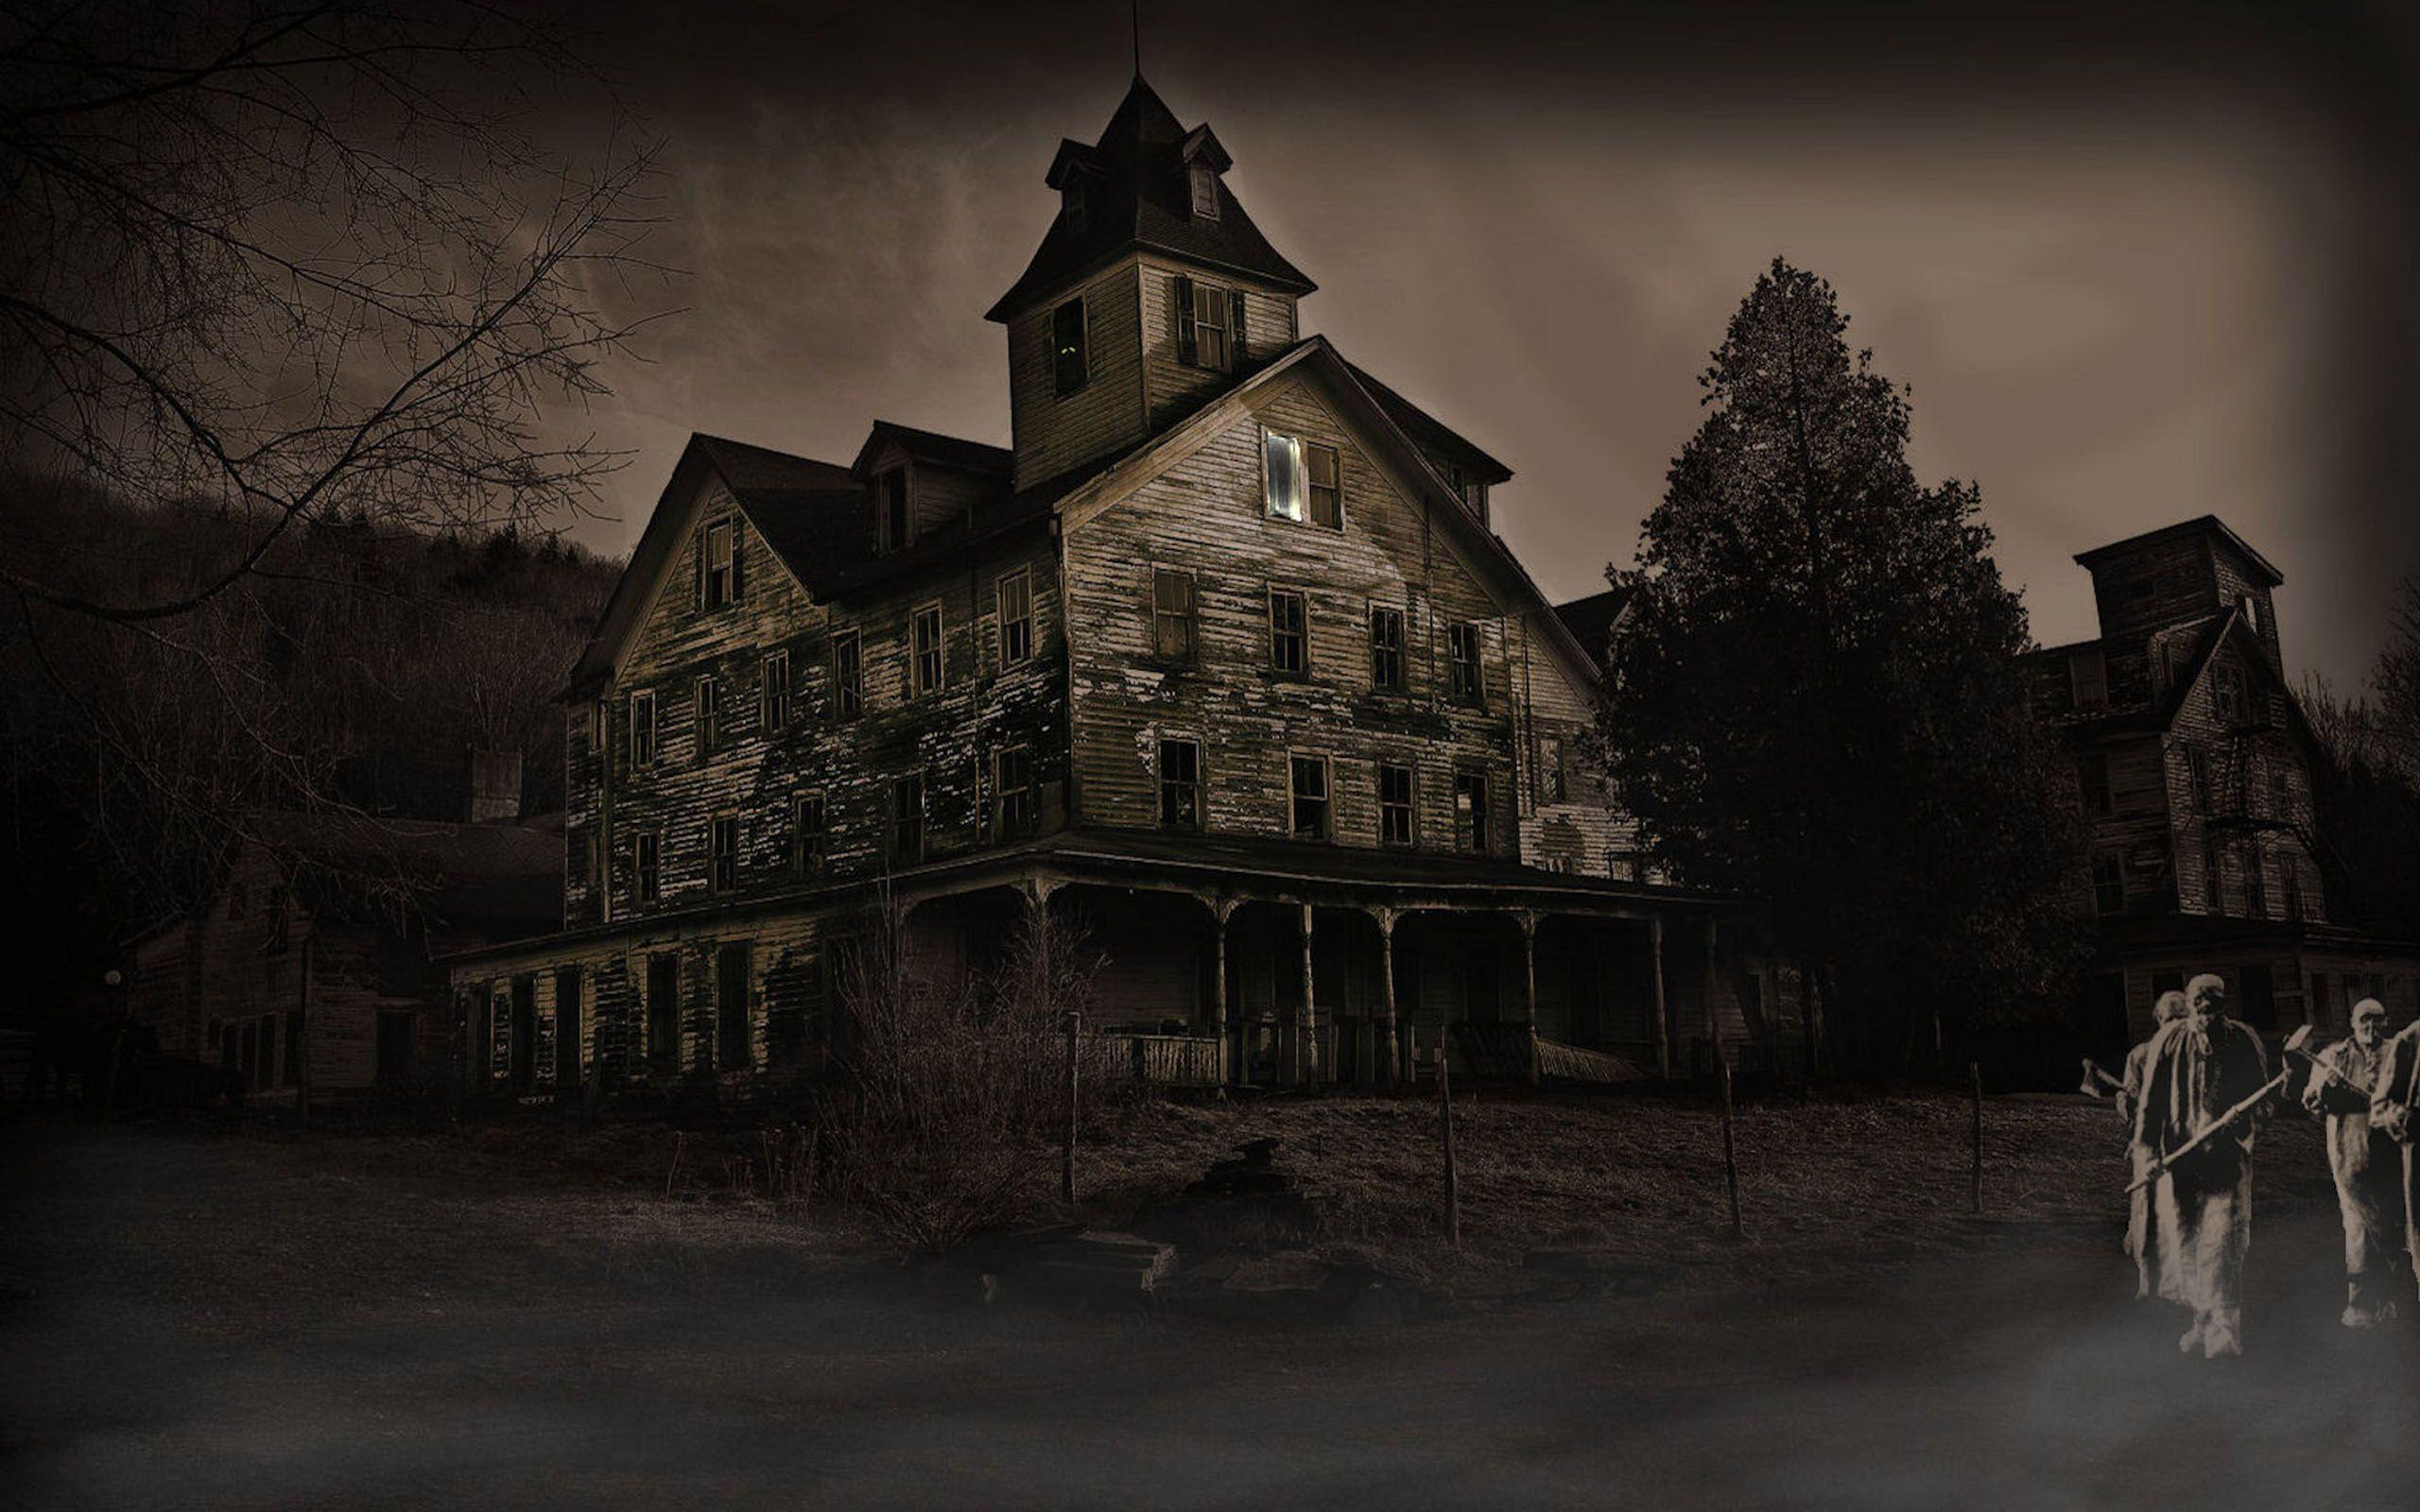 maison hantee halloween 2017